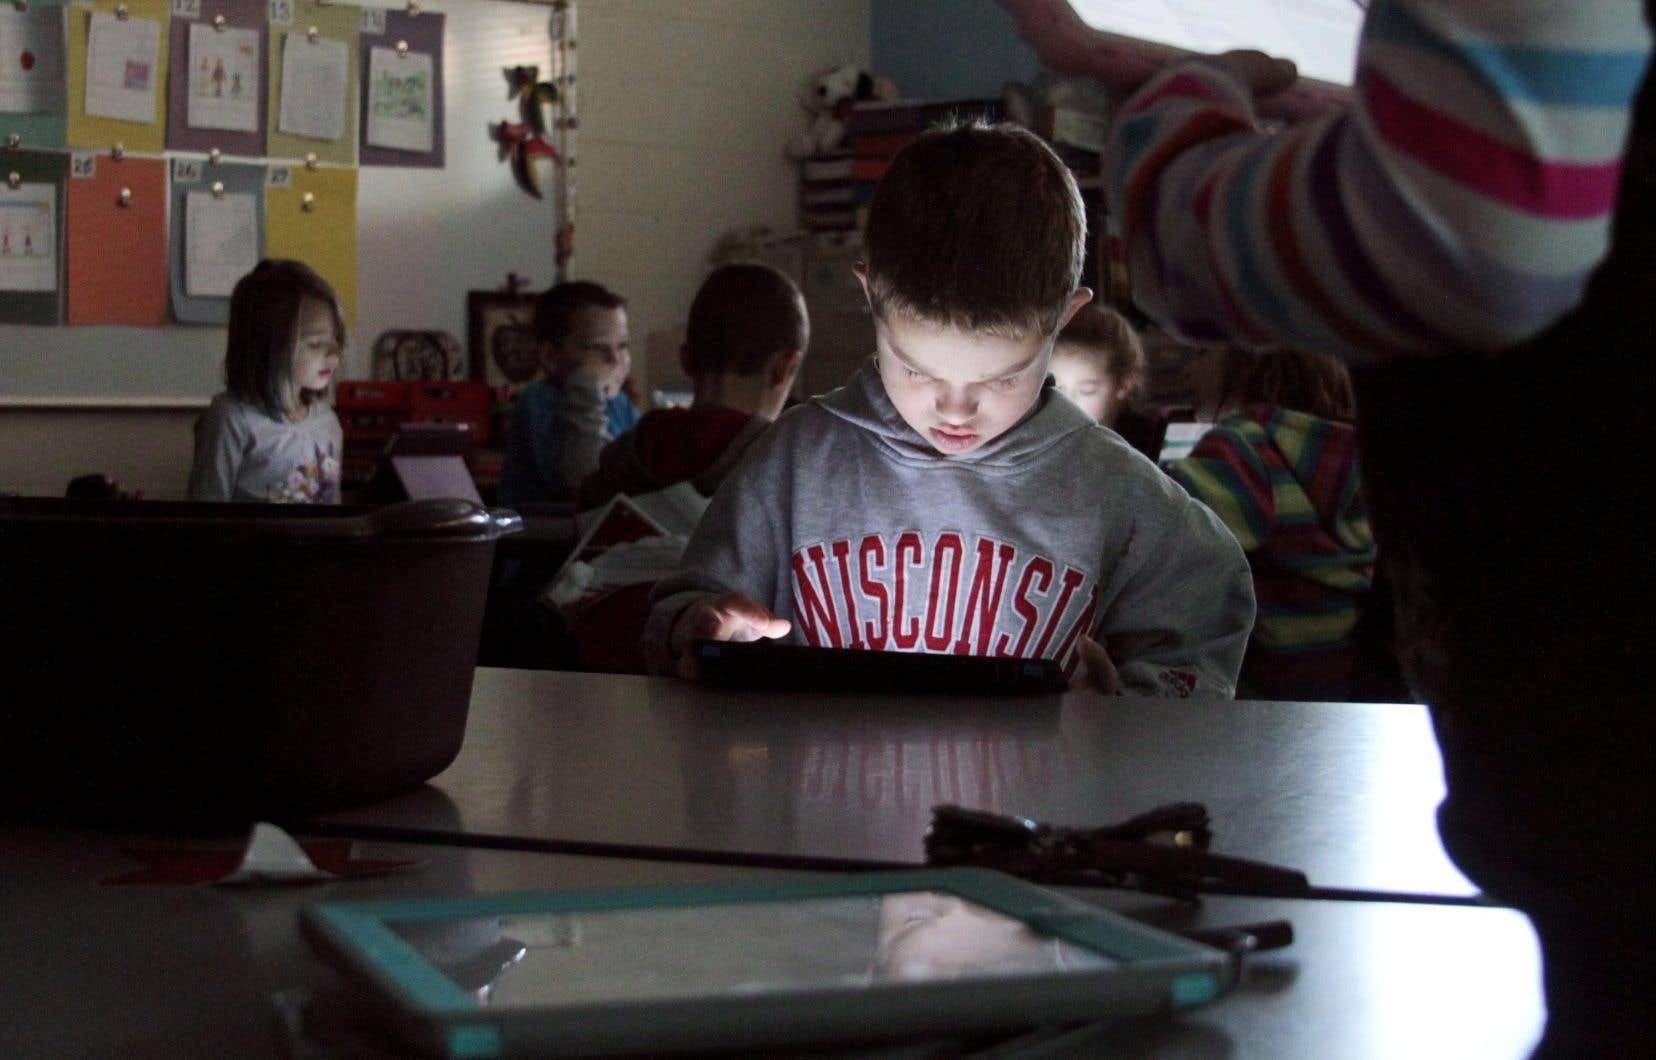 La programmation permet aux élèves d'apprivoiser les mathématiques. «Même ceux qui se trouvent moins bons peuvent réussir l'exercice», note l'éducateur Jean-DenisThériault.